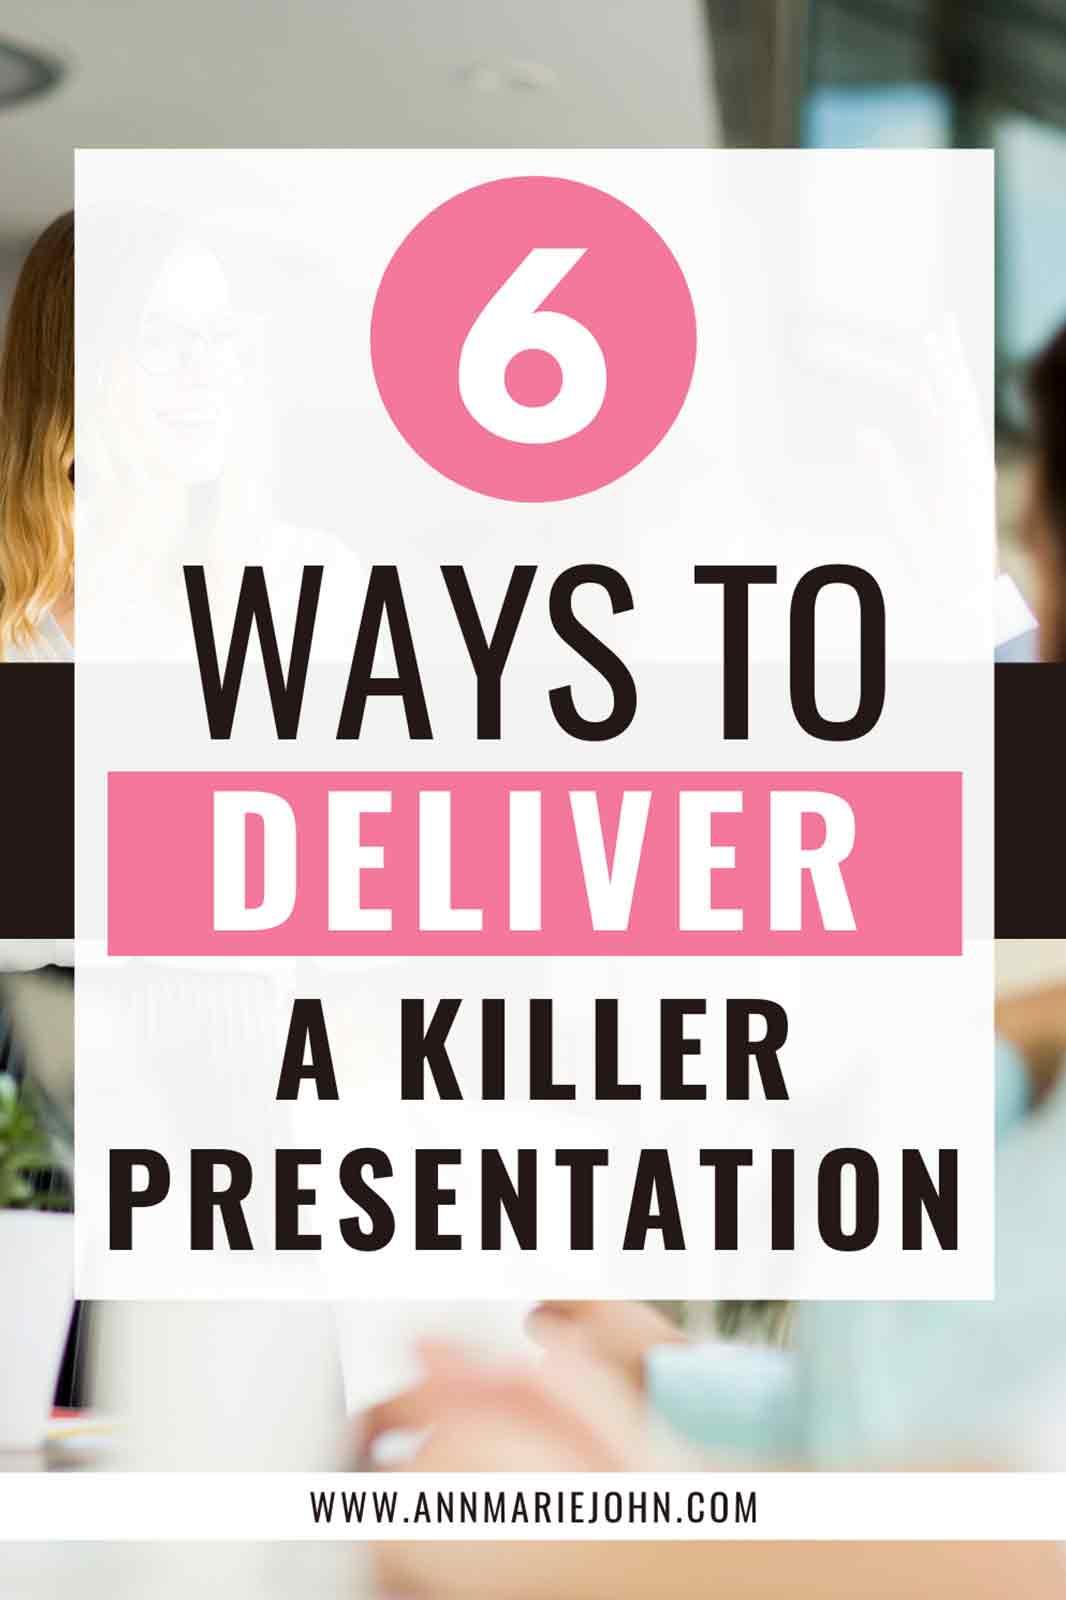 How to Deliver a Killer Presentation